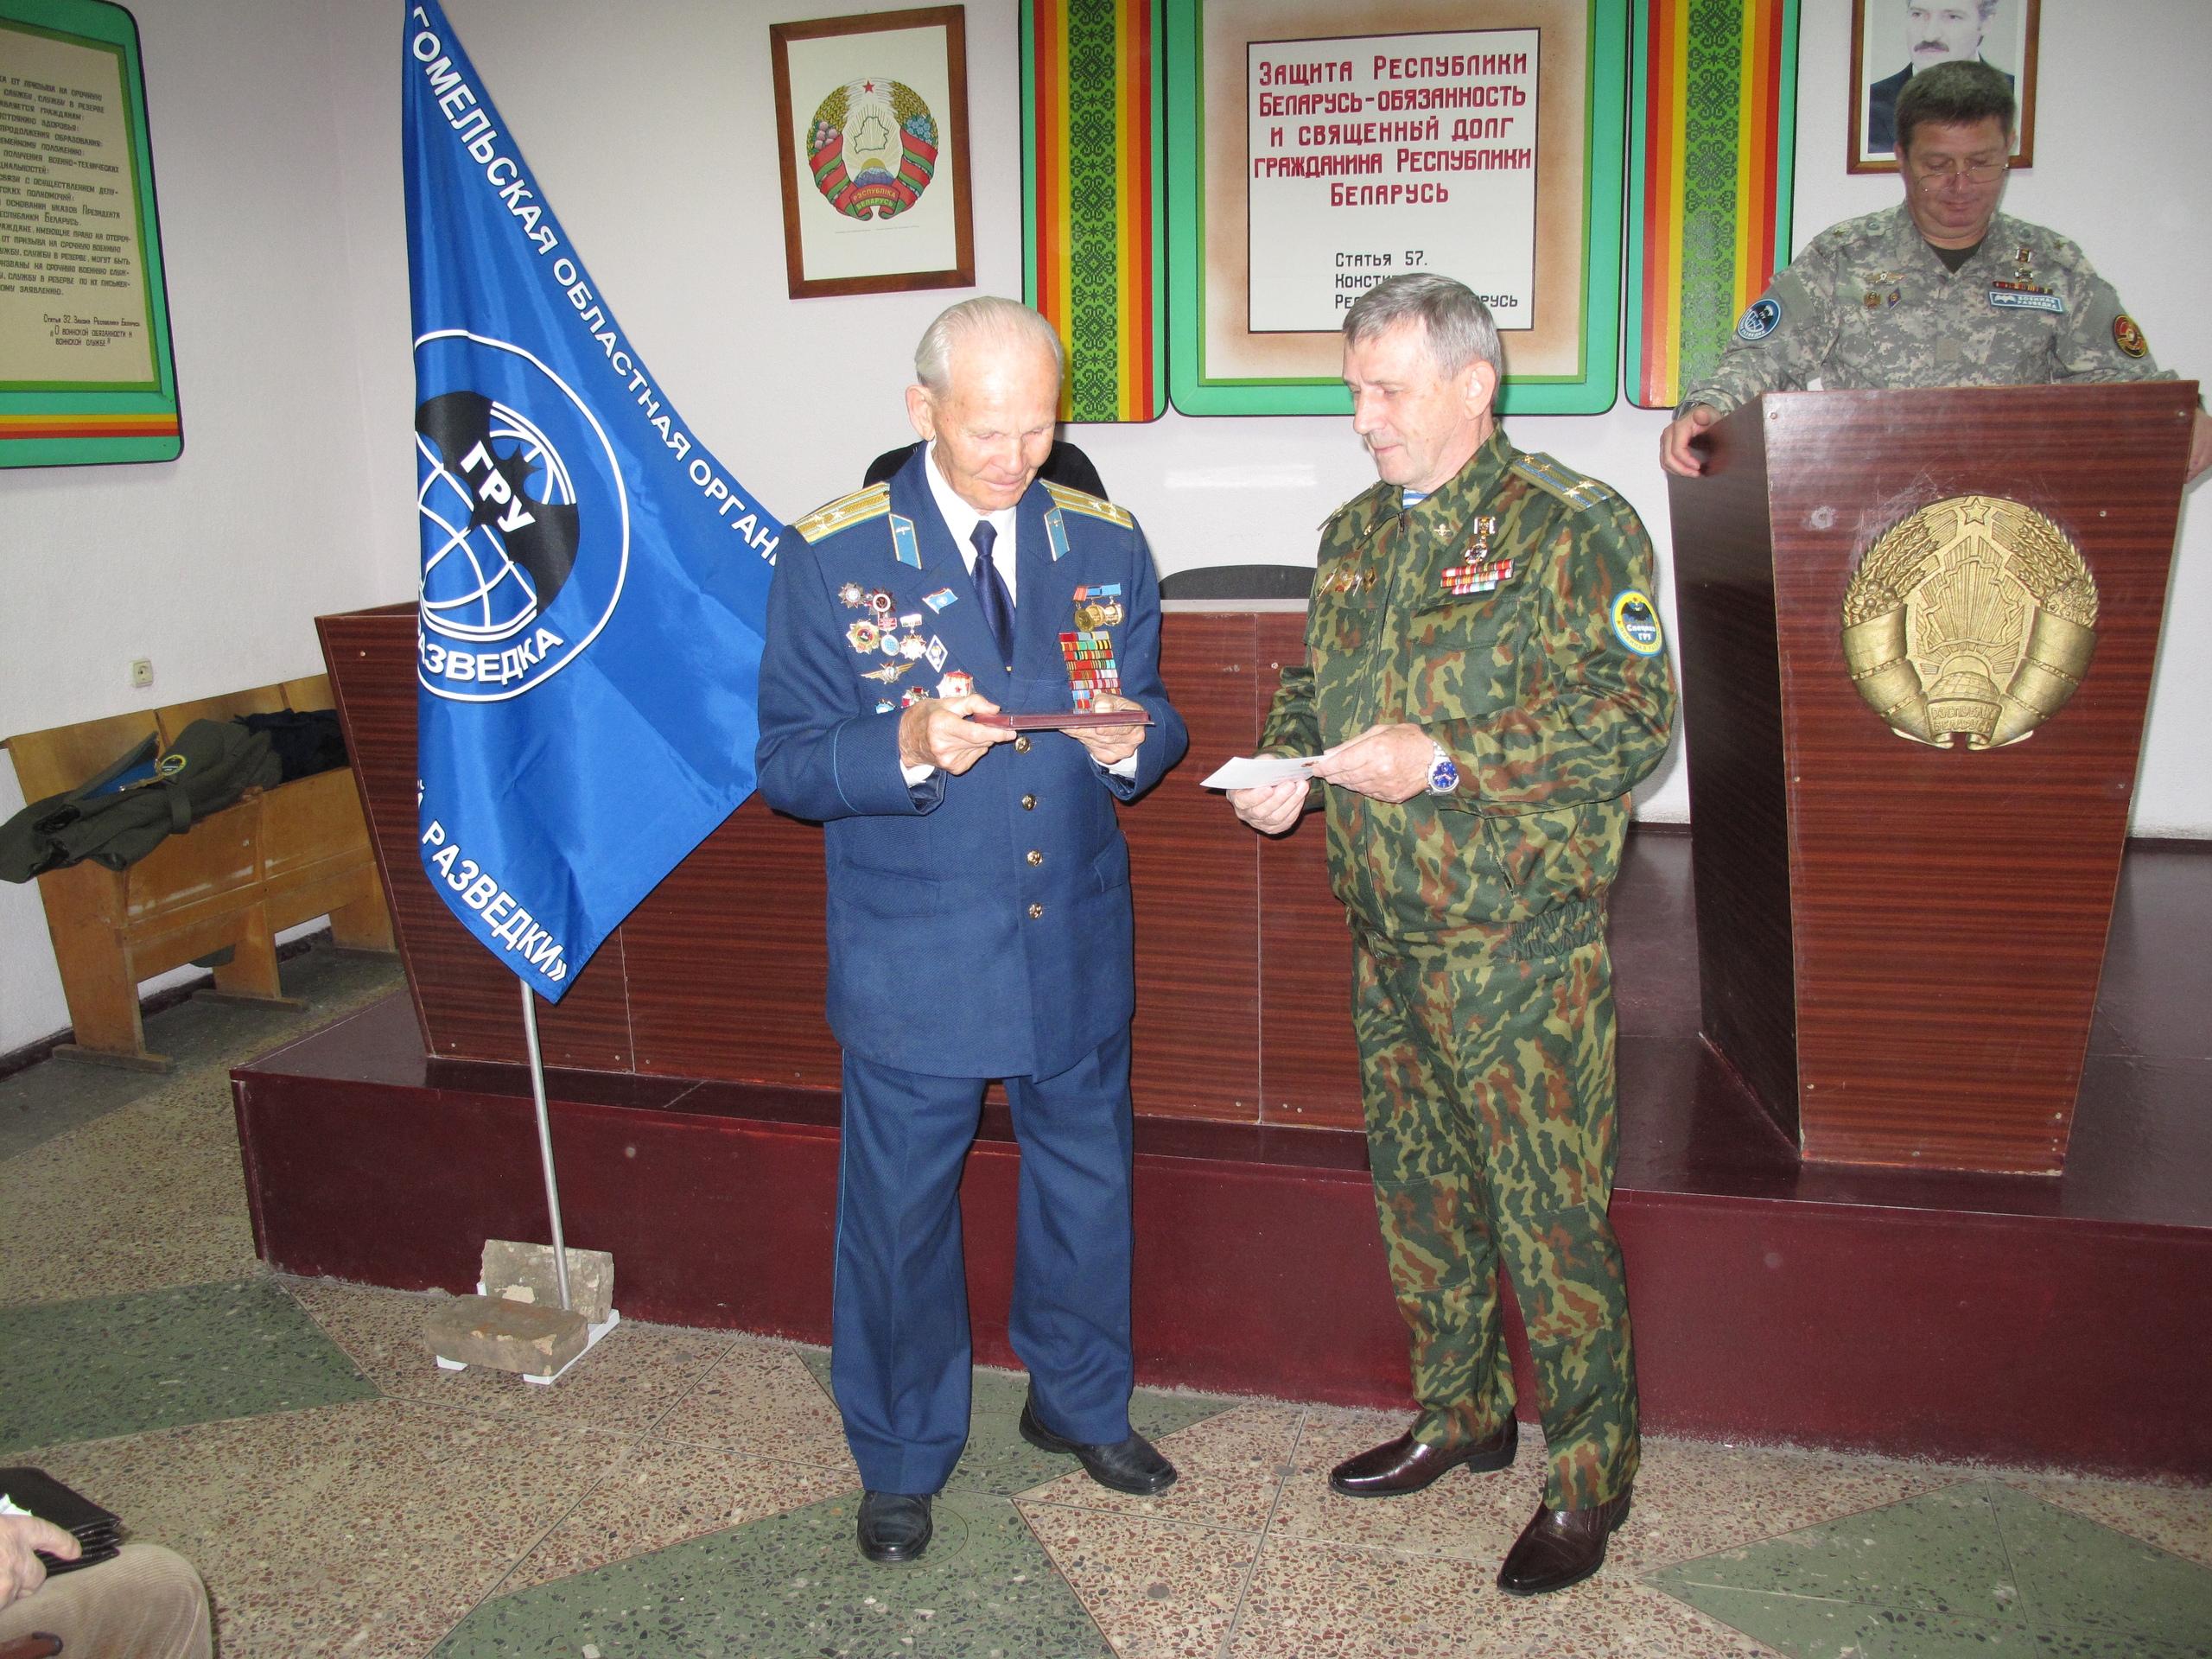 Вручение юбилейной медали 100 лет Военной разведке Пимонову Алексею Ивановичу